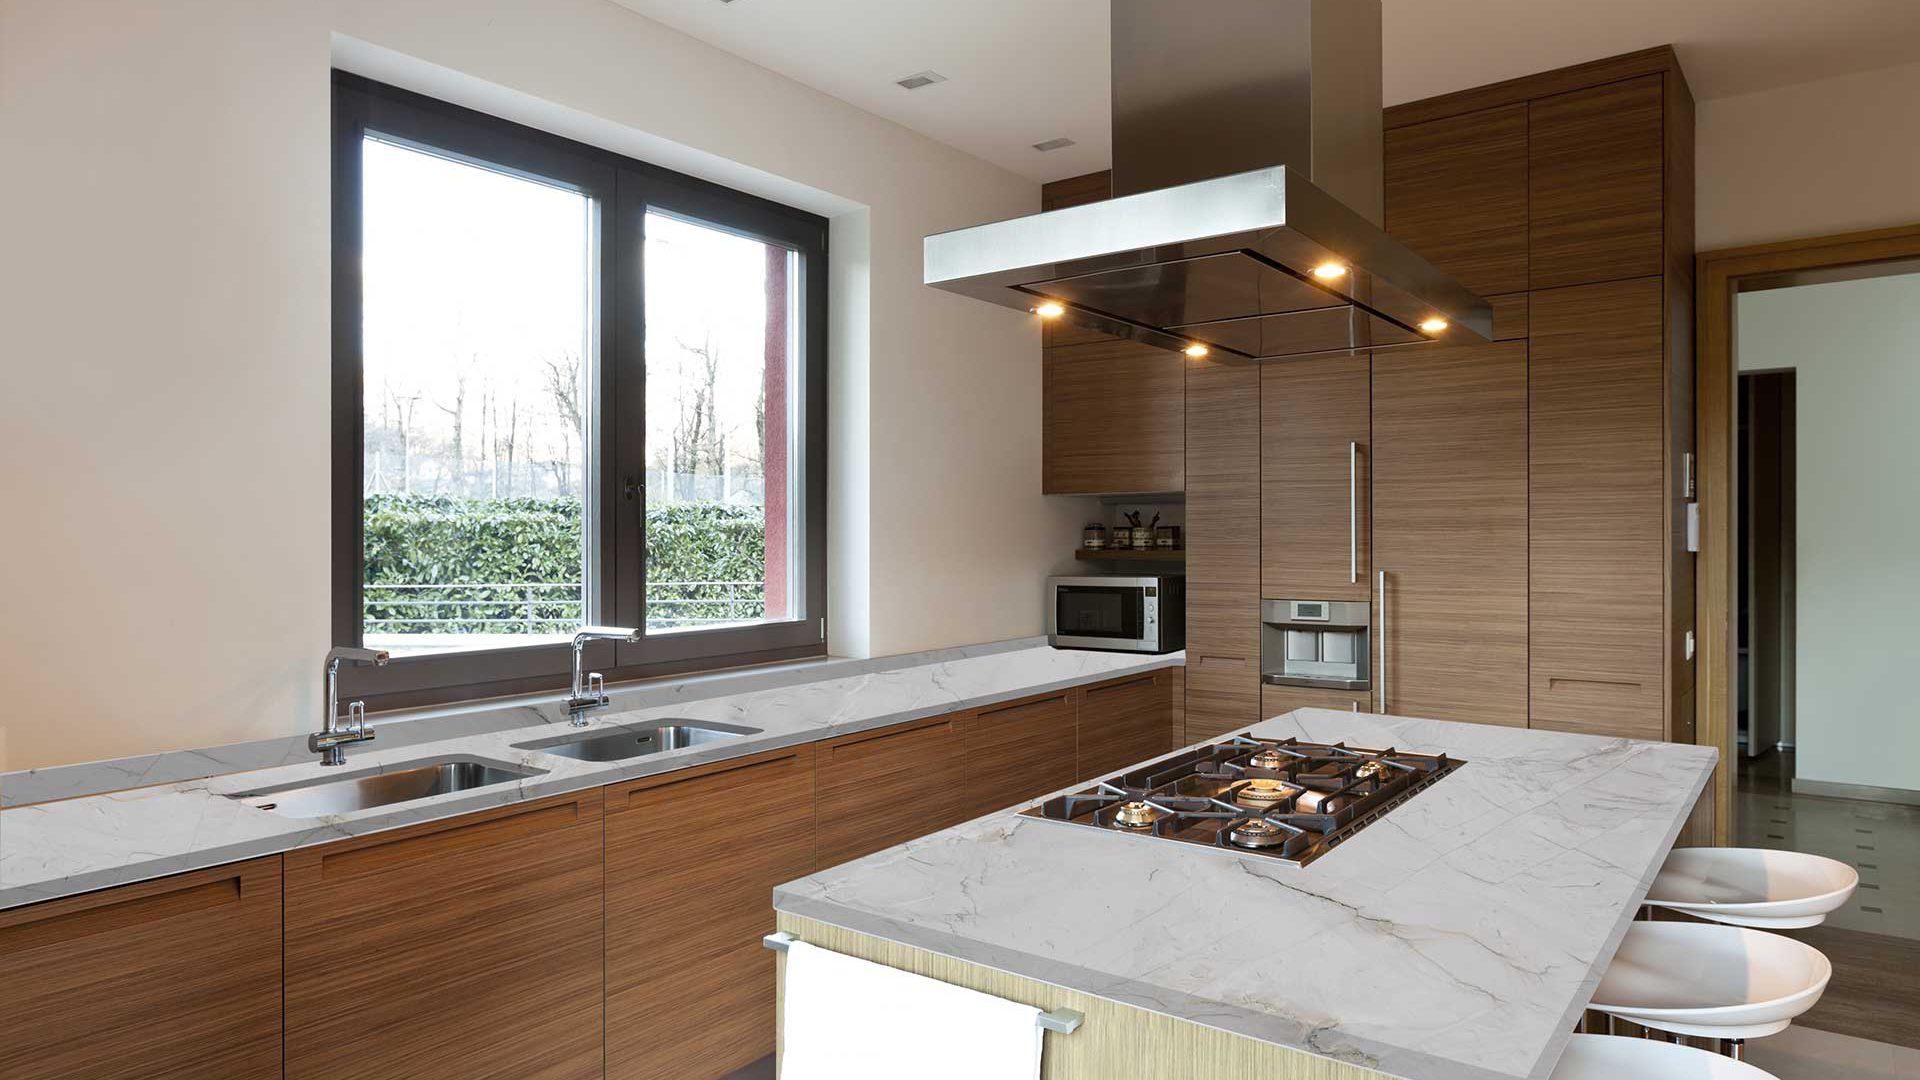 quartzite-bianco-superiore-kitchen